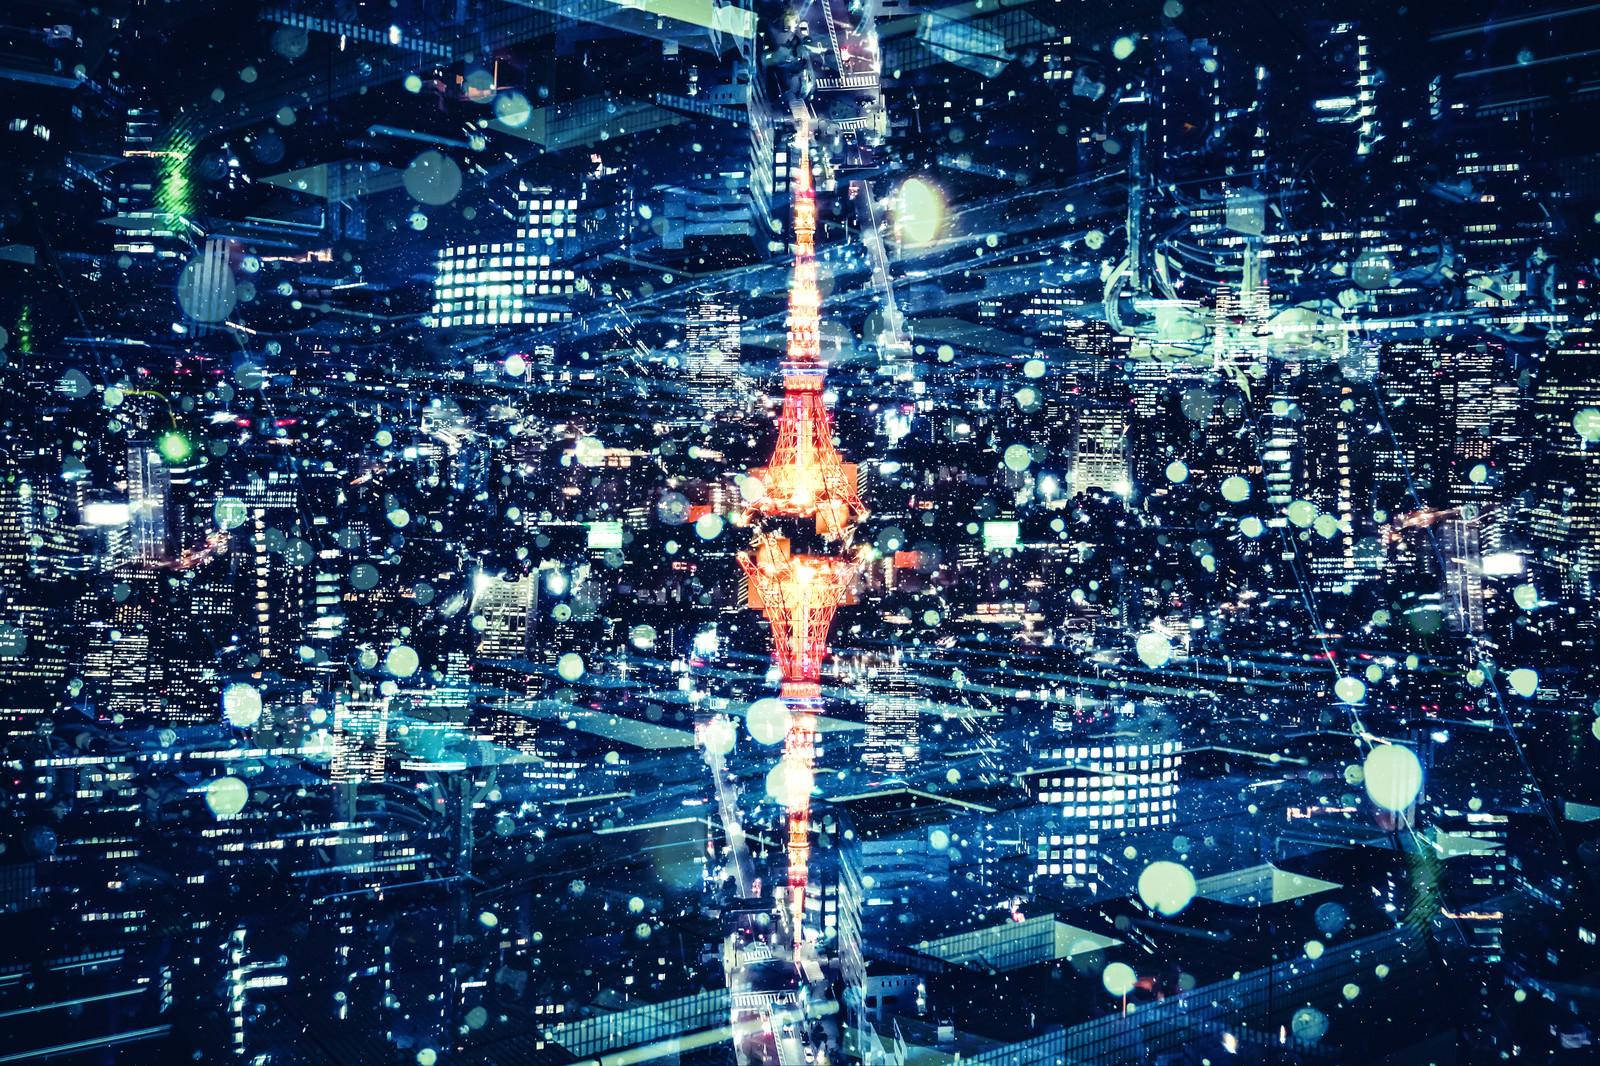 「東京タワーと都市夜景(フォトモンタージュ)」の写真